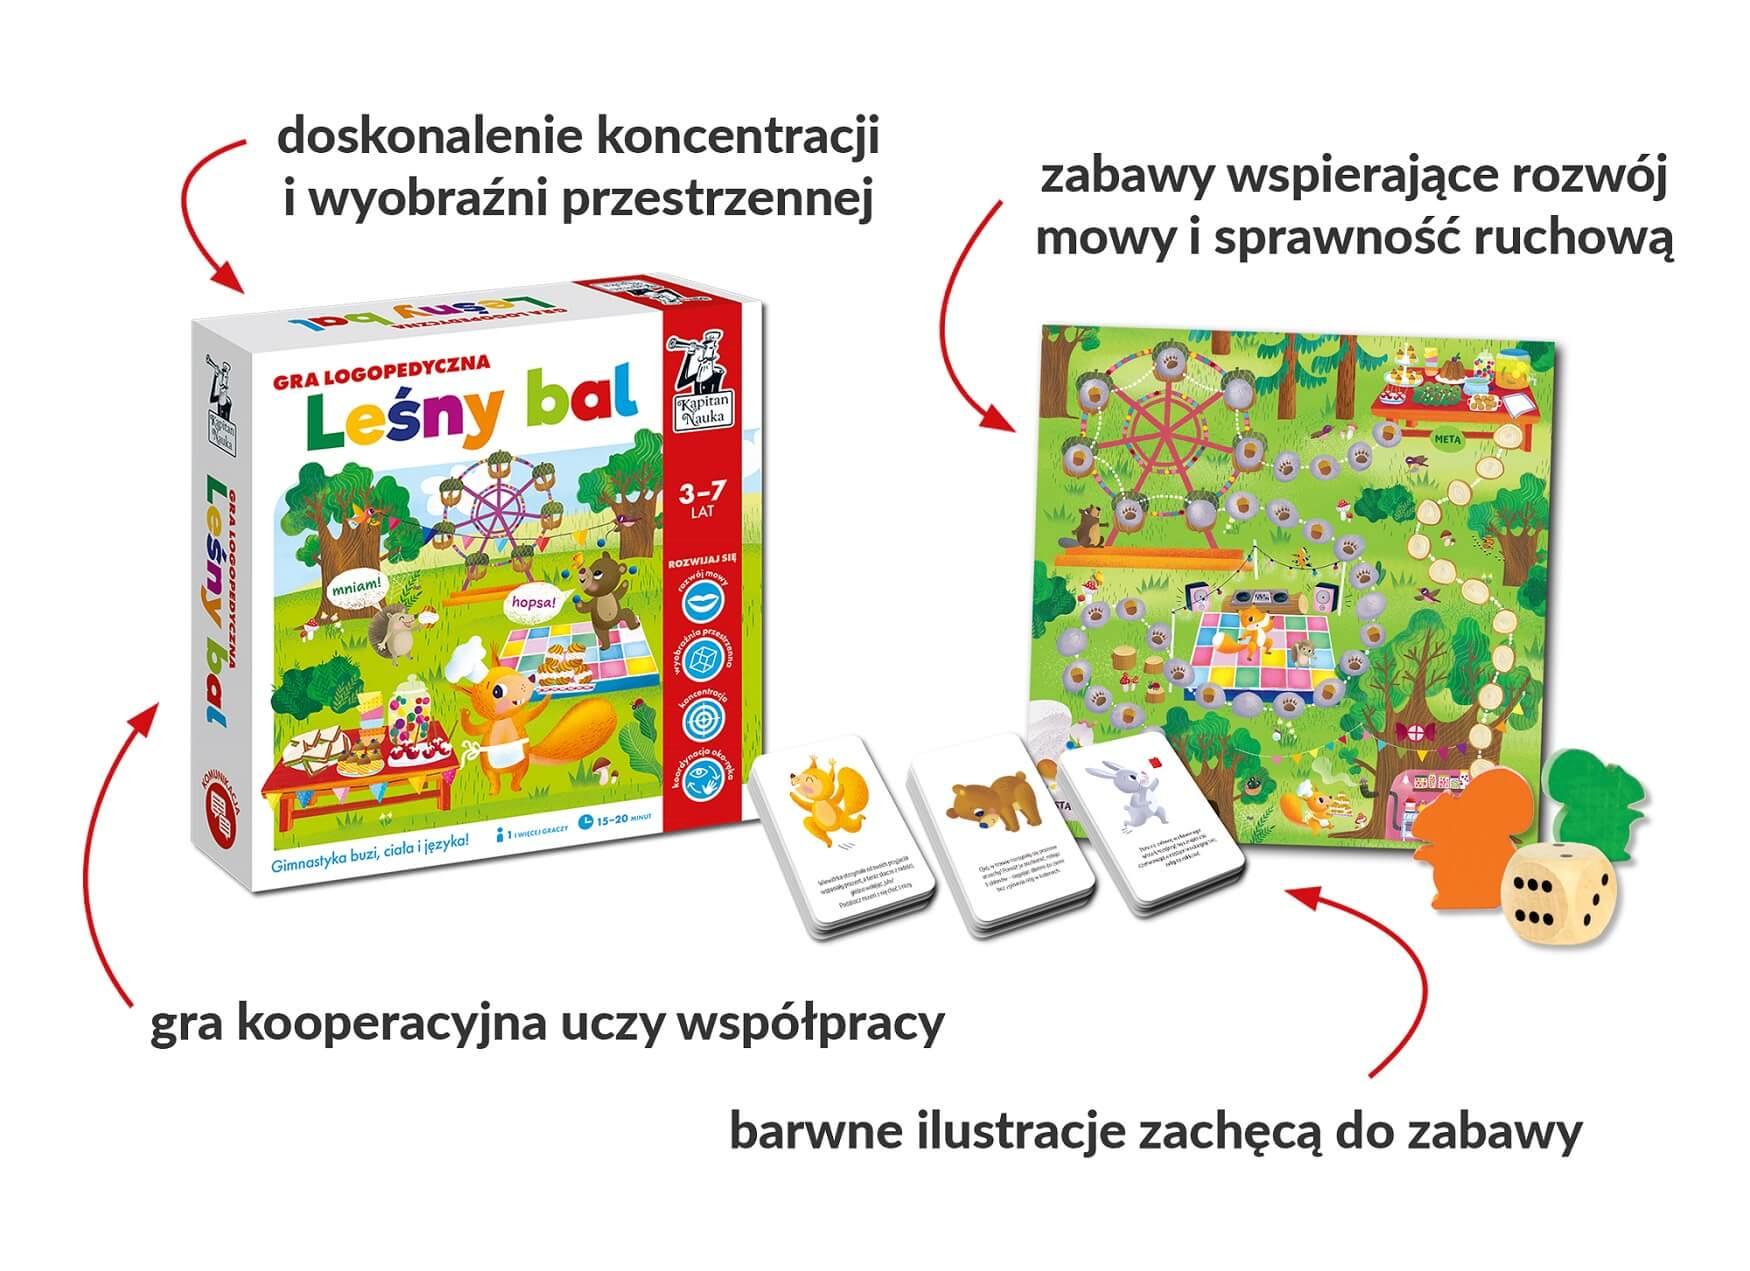 Leśny bal. Gra logopedyczna dla dzieci w wieku 3-7 lat